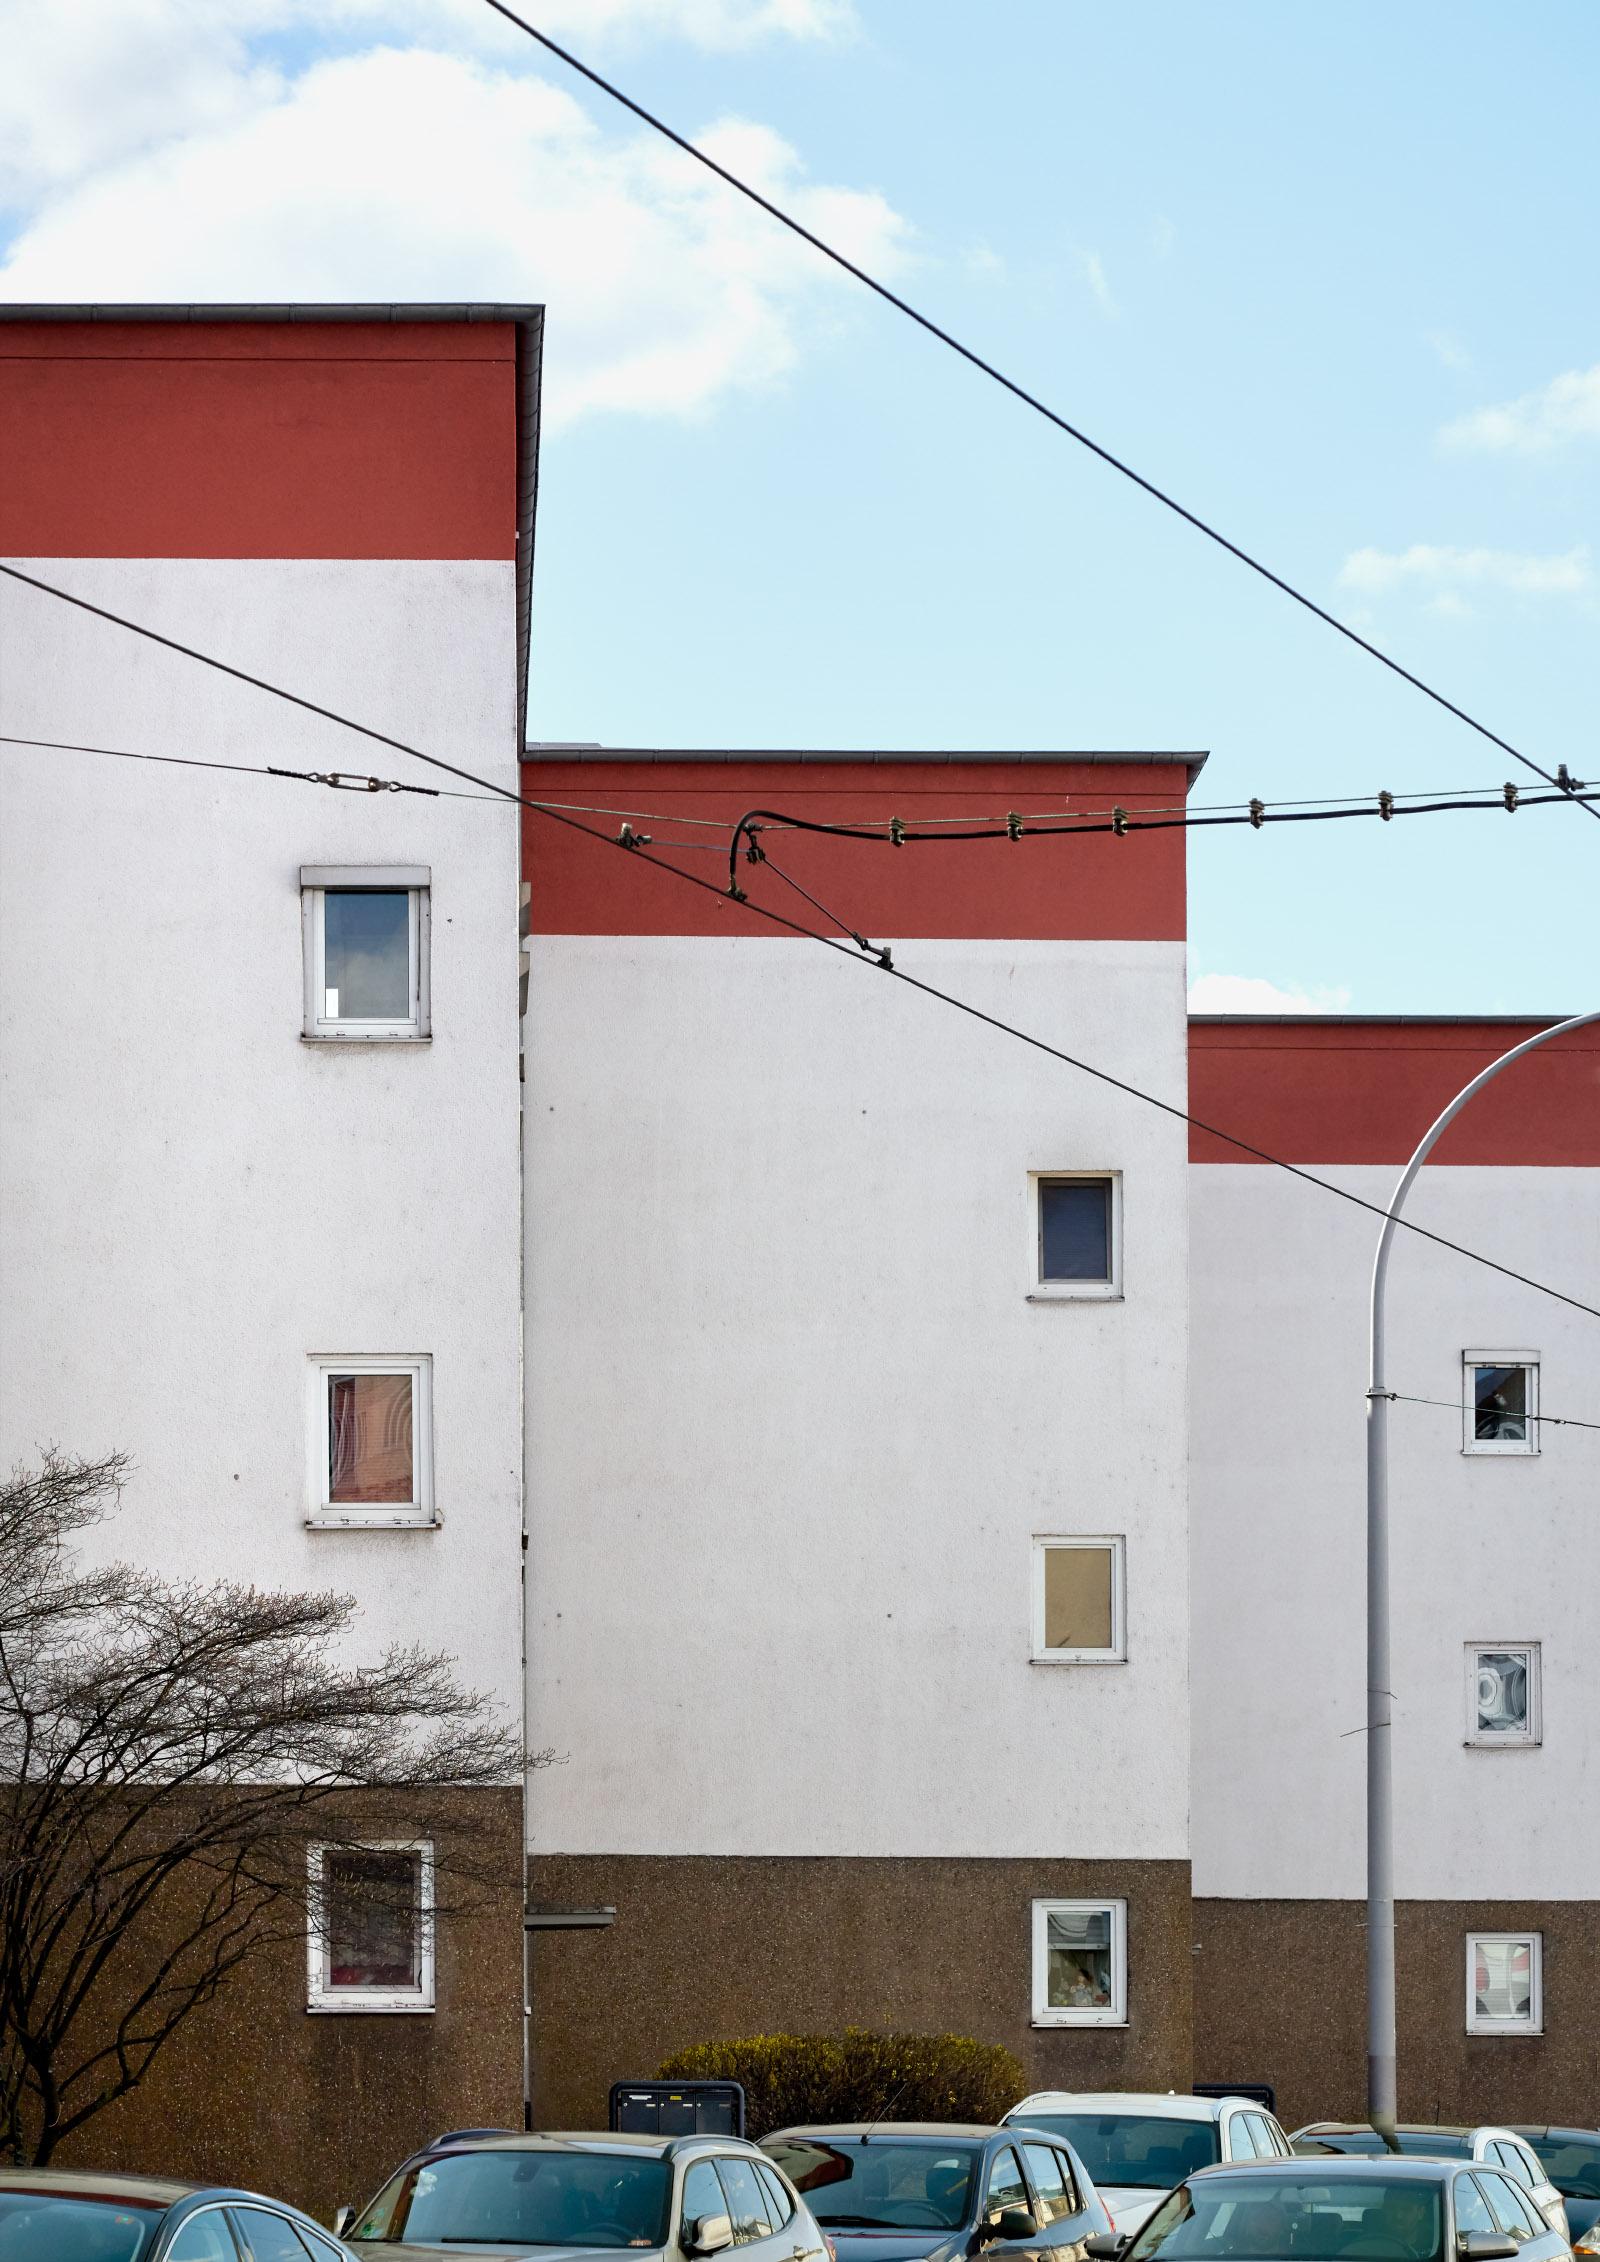 Bruchfeldstraße Siedlung, Bruchfeldstraße